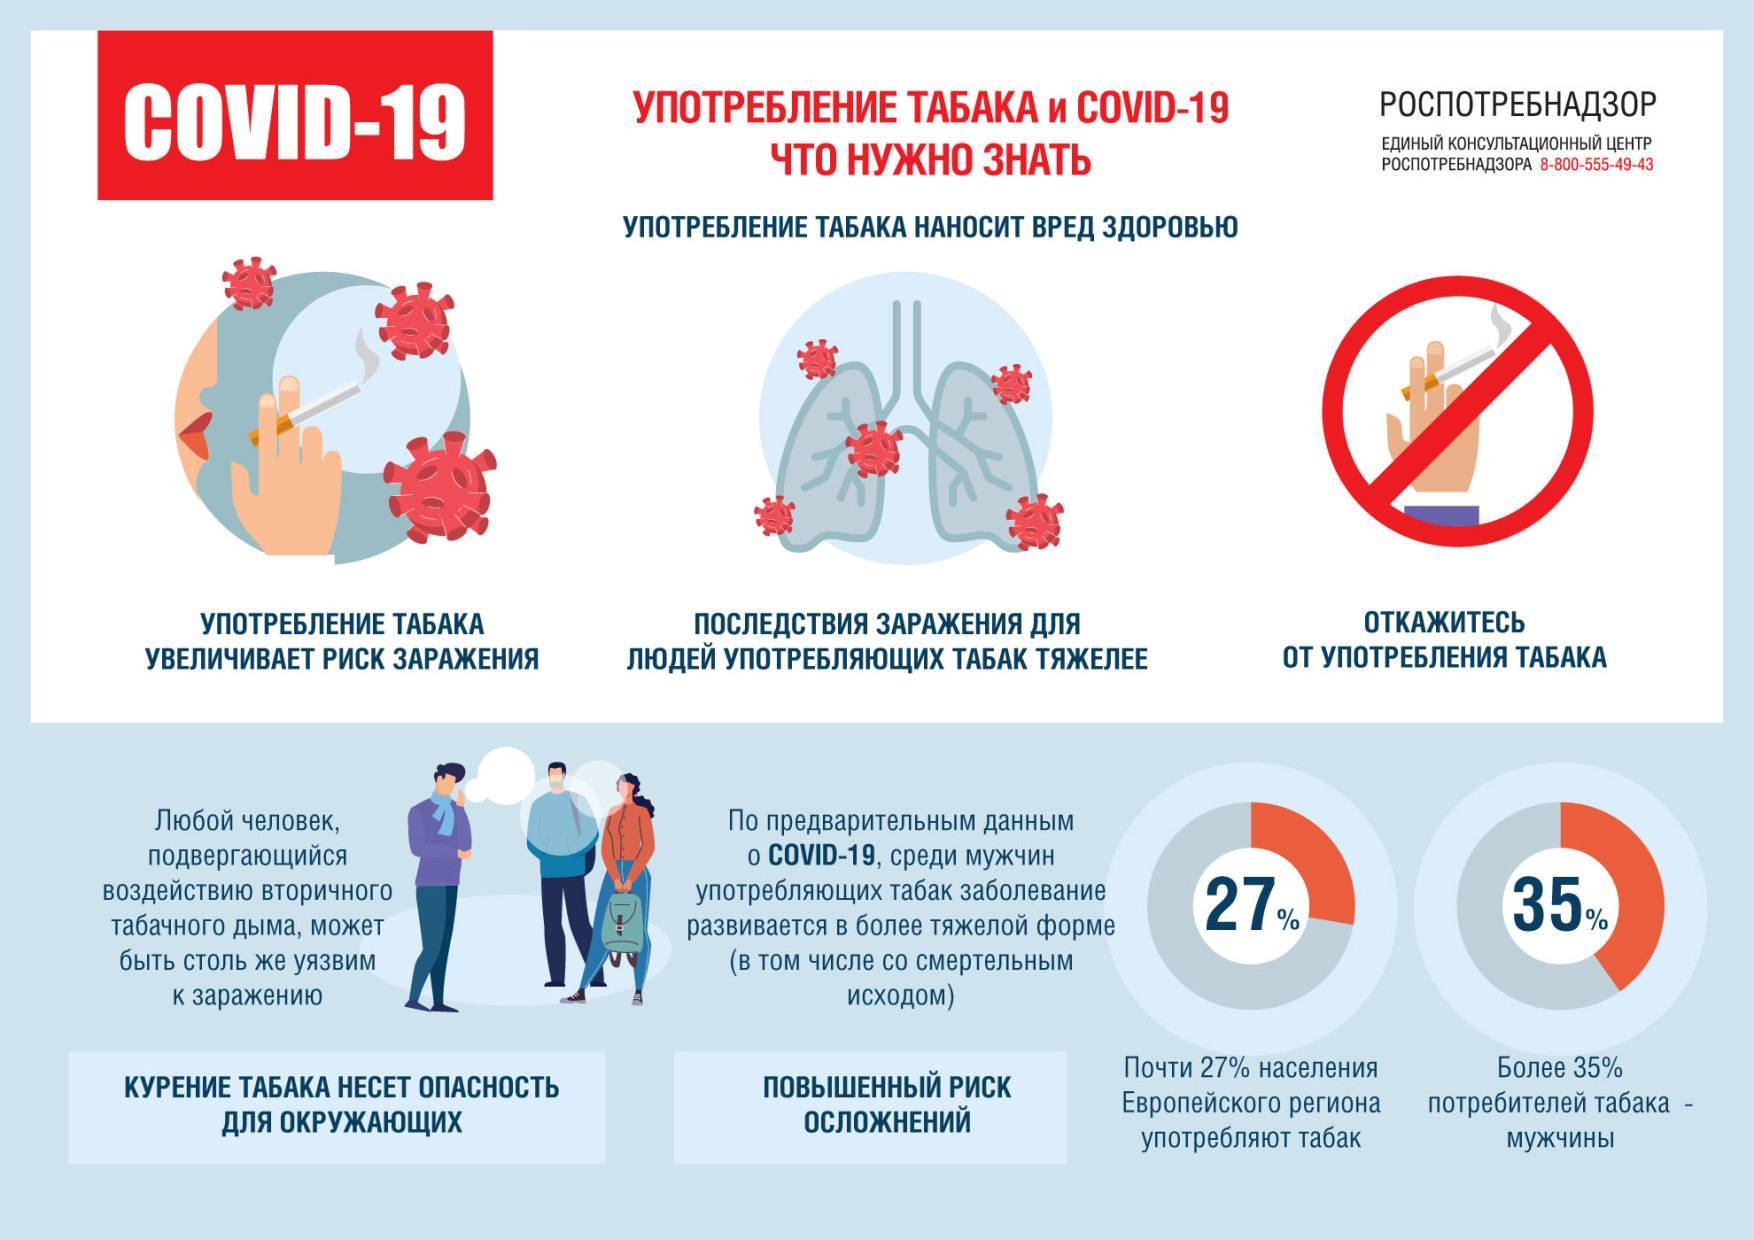 25 лабораторий, куда можно сдать клеща и кровь человека на анализ энцефалита и боррелиоза в москве, московской области